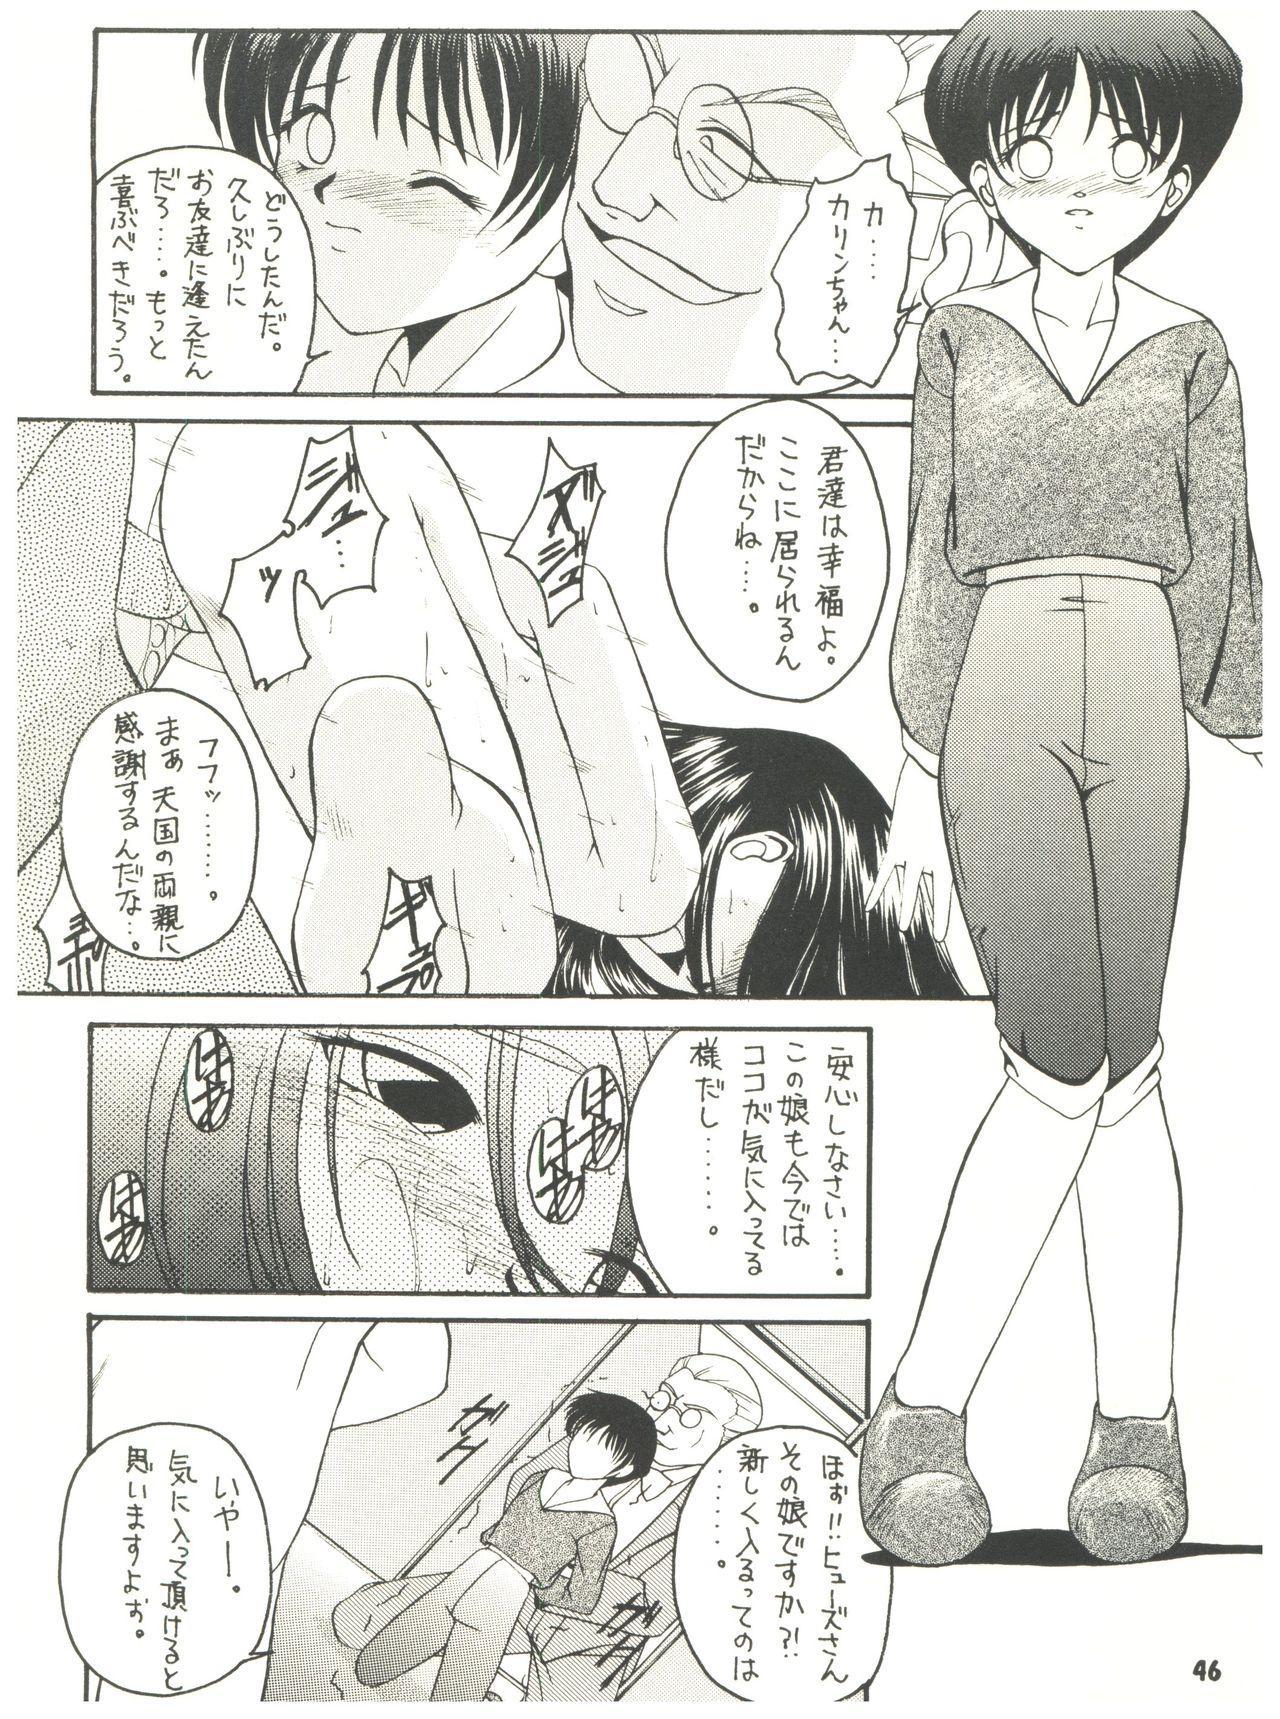 [Sairo Publishing (J. Sairo) En-Jack 2 (Various) 45